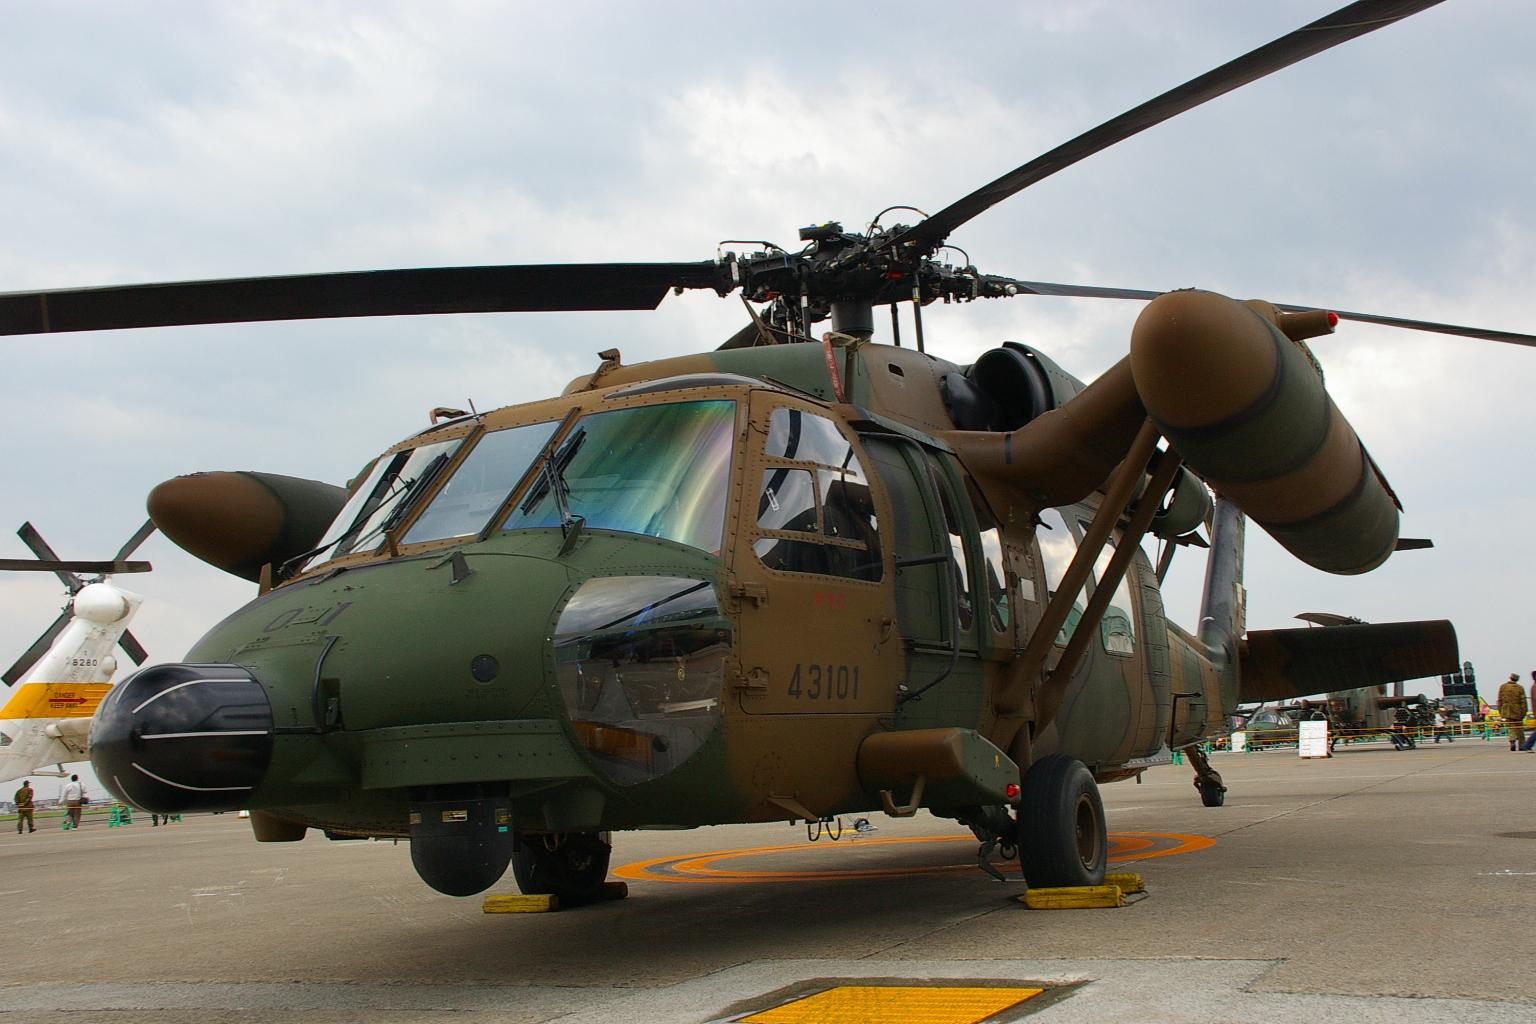 Вертолёт UH-60M/L Black Hawk http://www.veafotoaqui.com/Helicopteros.htm - Грузия планирует закупить у США вертолёты UH-60M/L Black Hawk  | Военно-исторический портал Warspot.ru